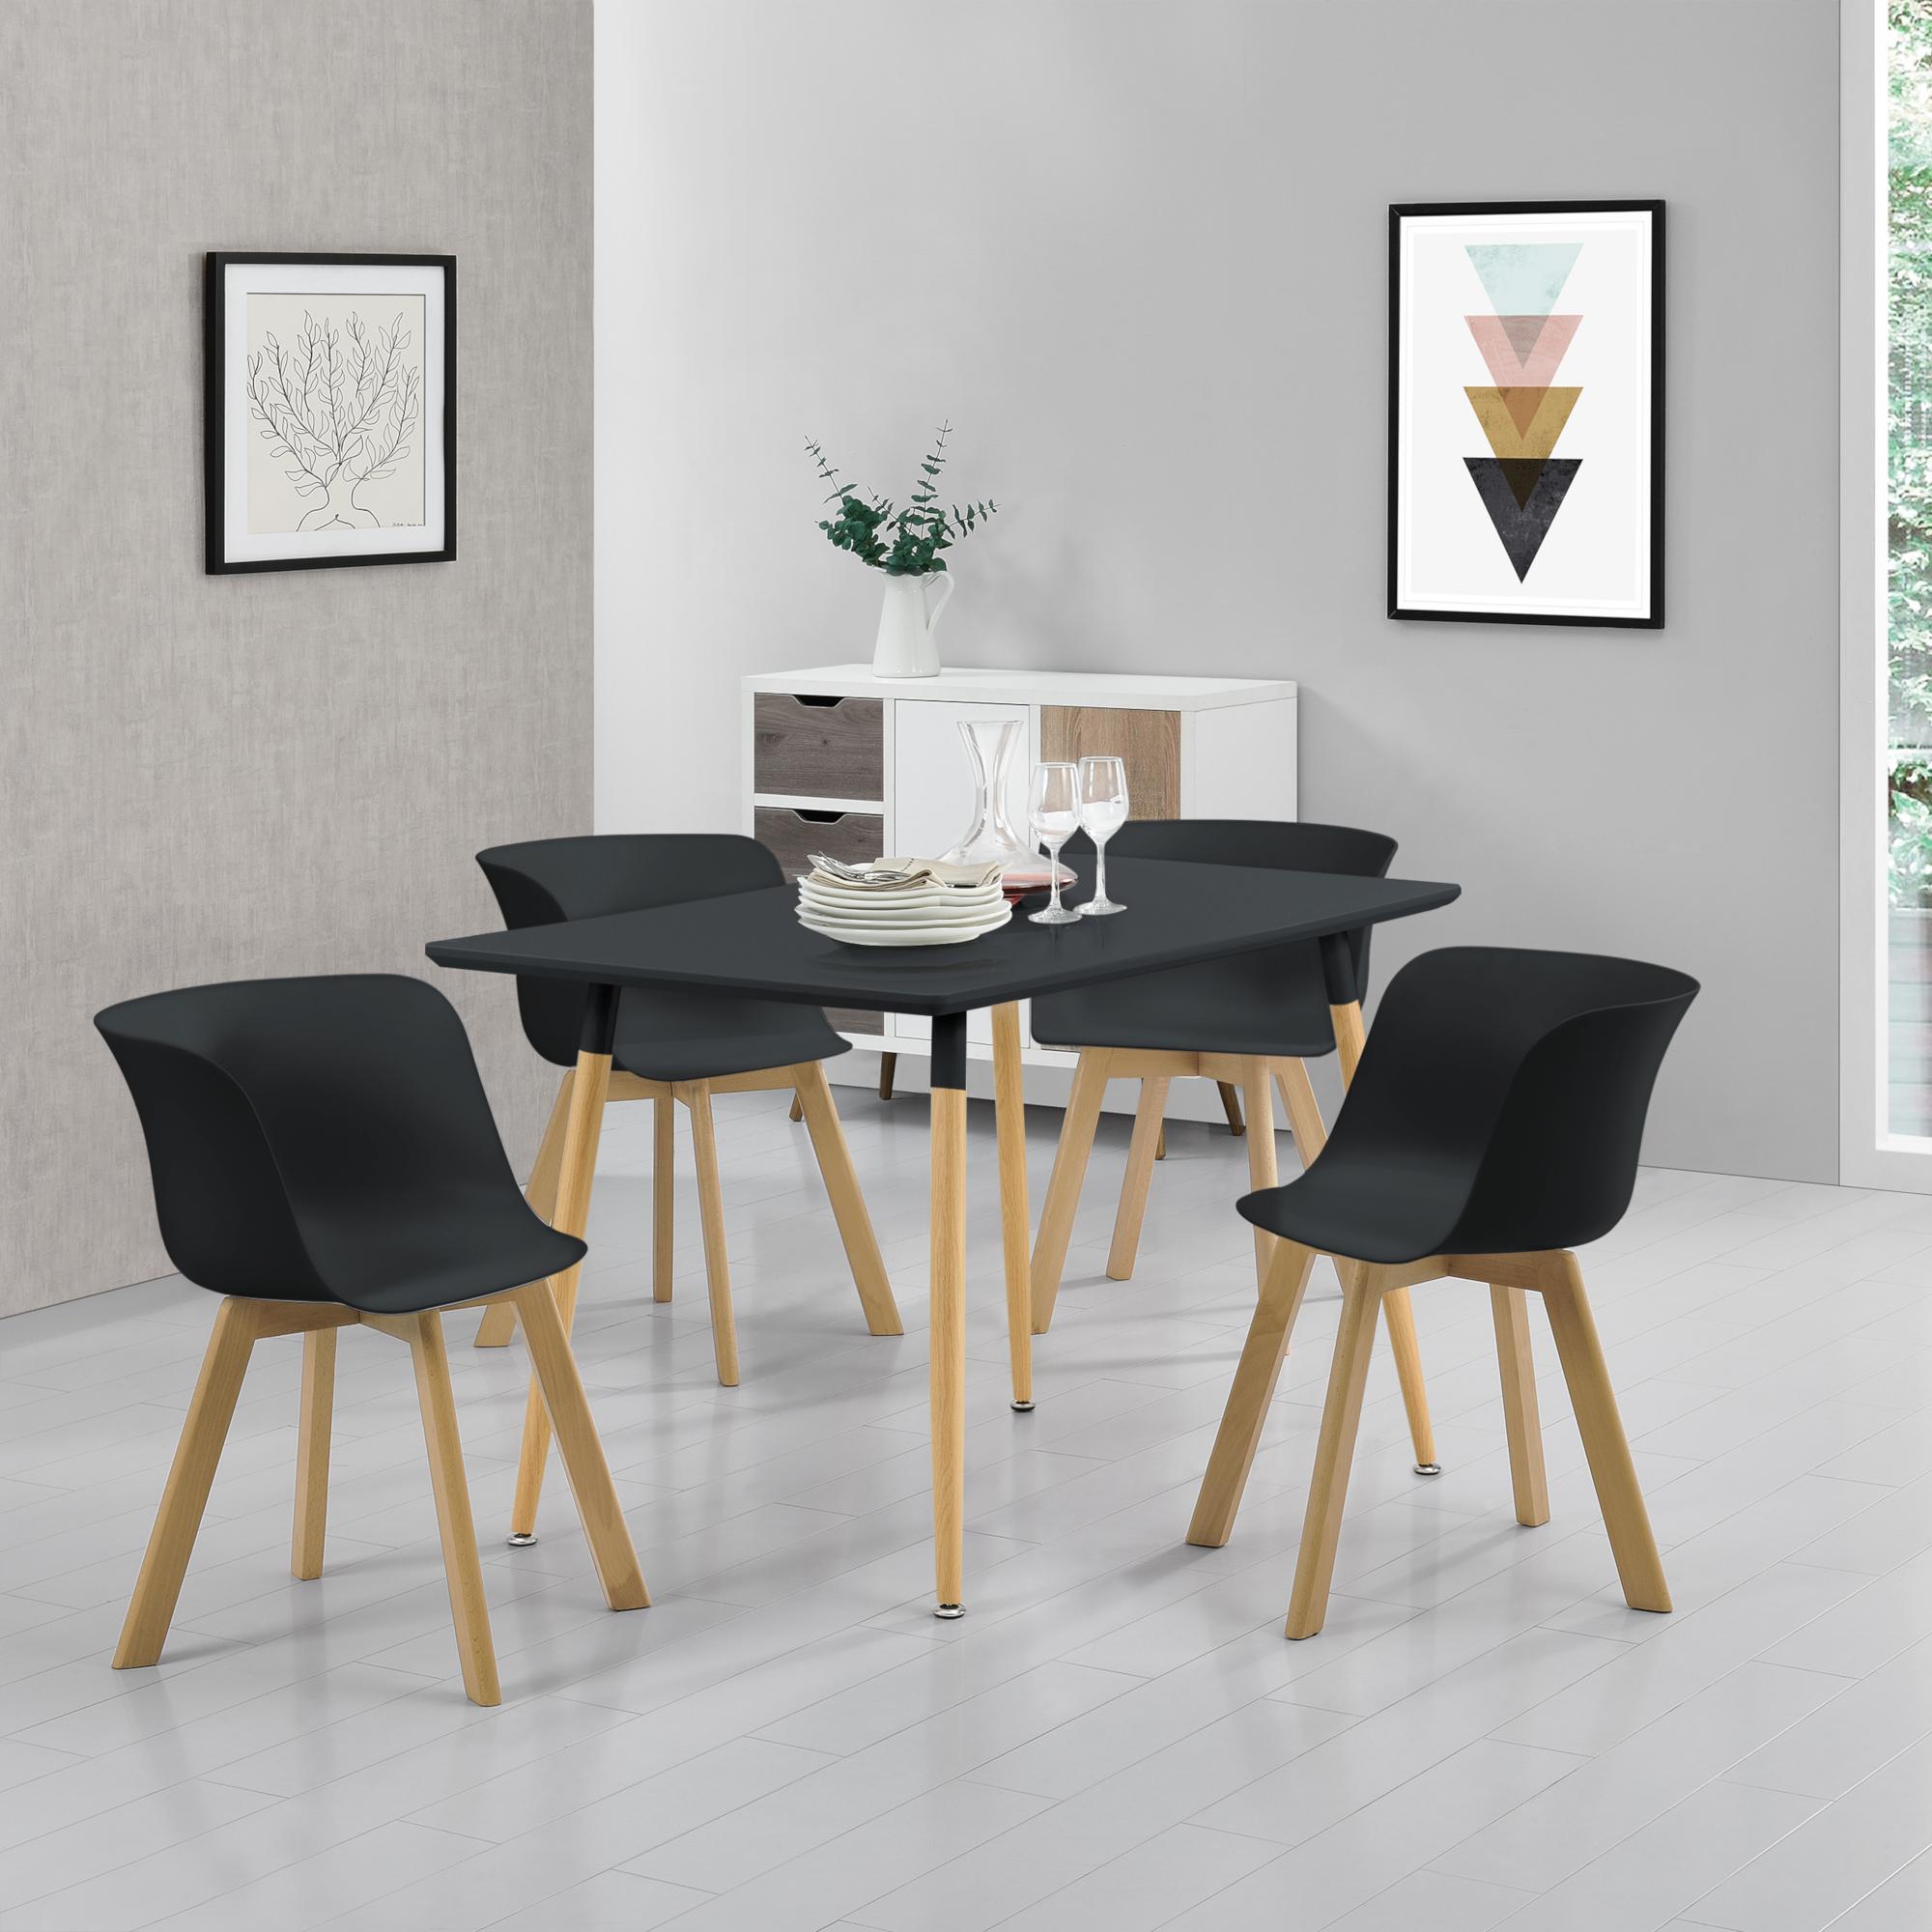 ® Table à manger avec 4 chaises Blanc 140x60cm TABLE de CUISINE salle à manger table en. casa